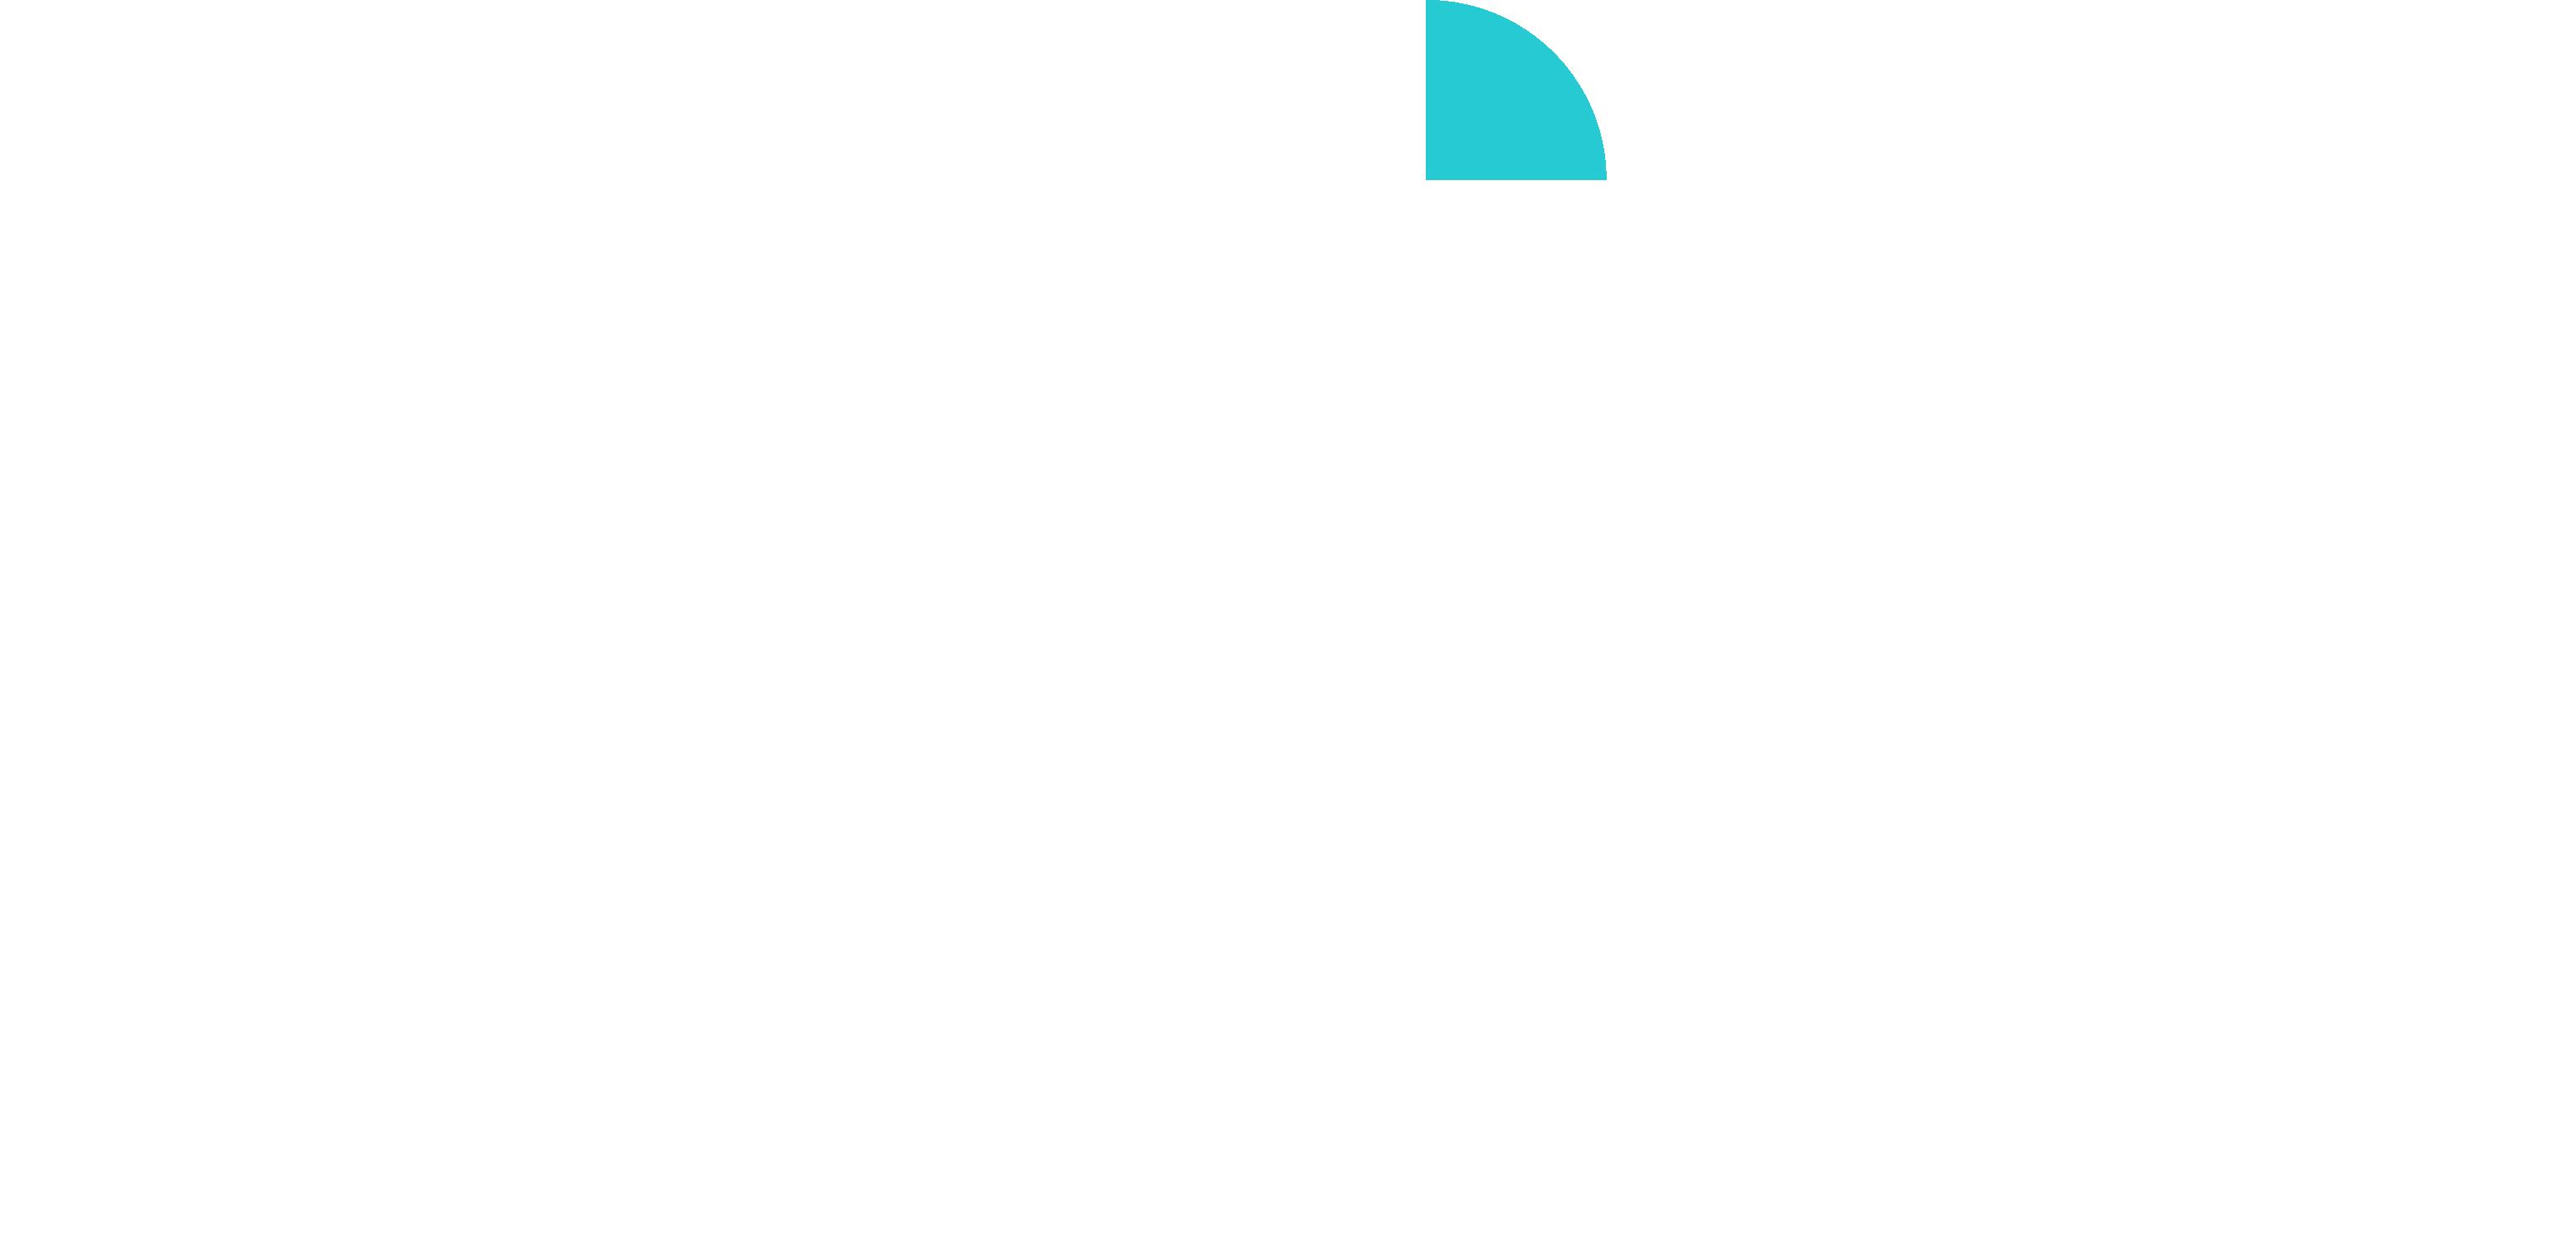 edify footer logo